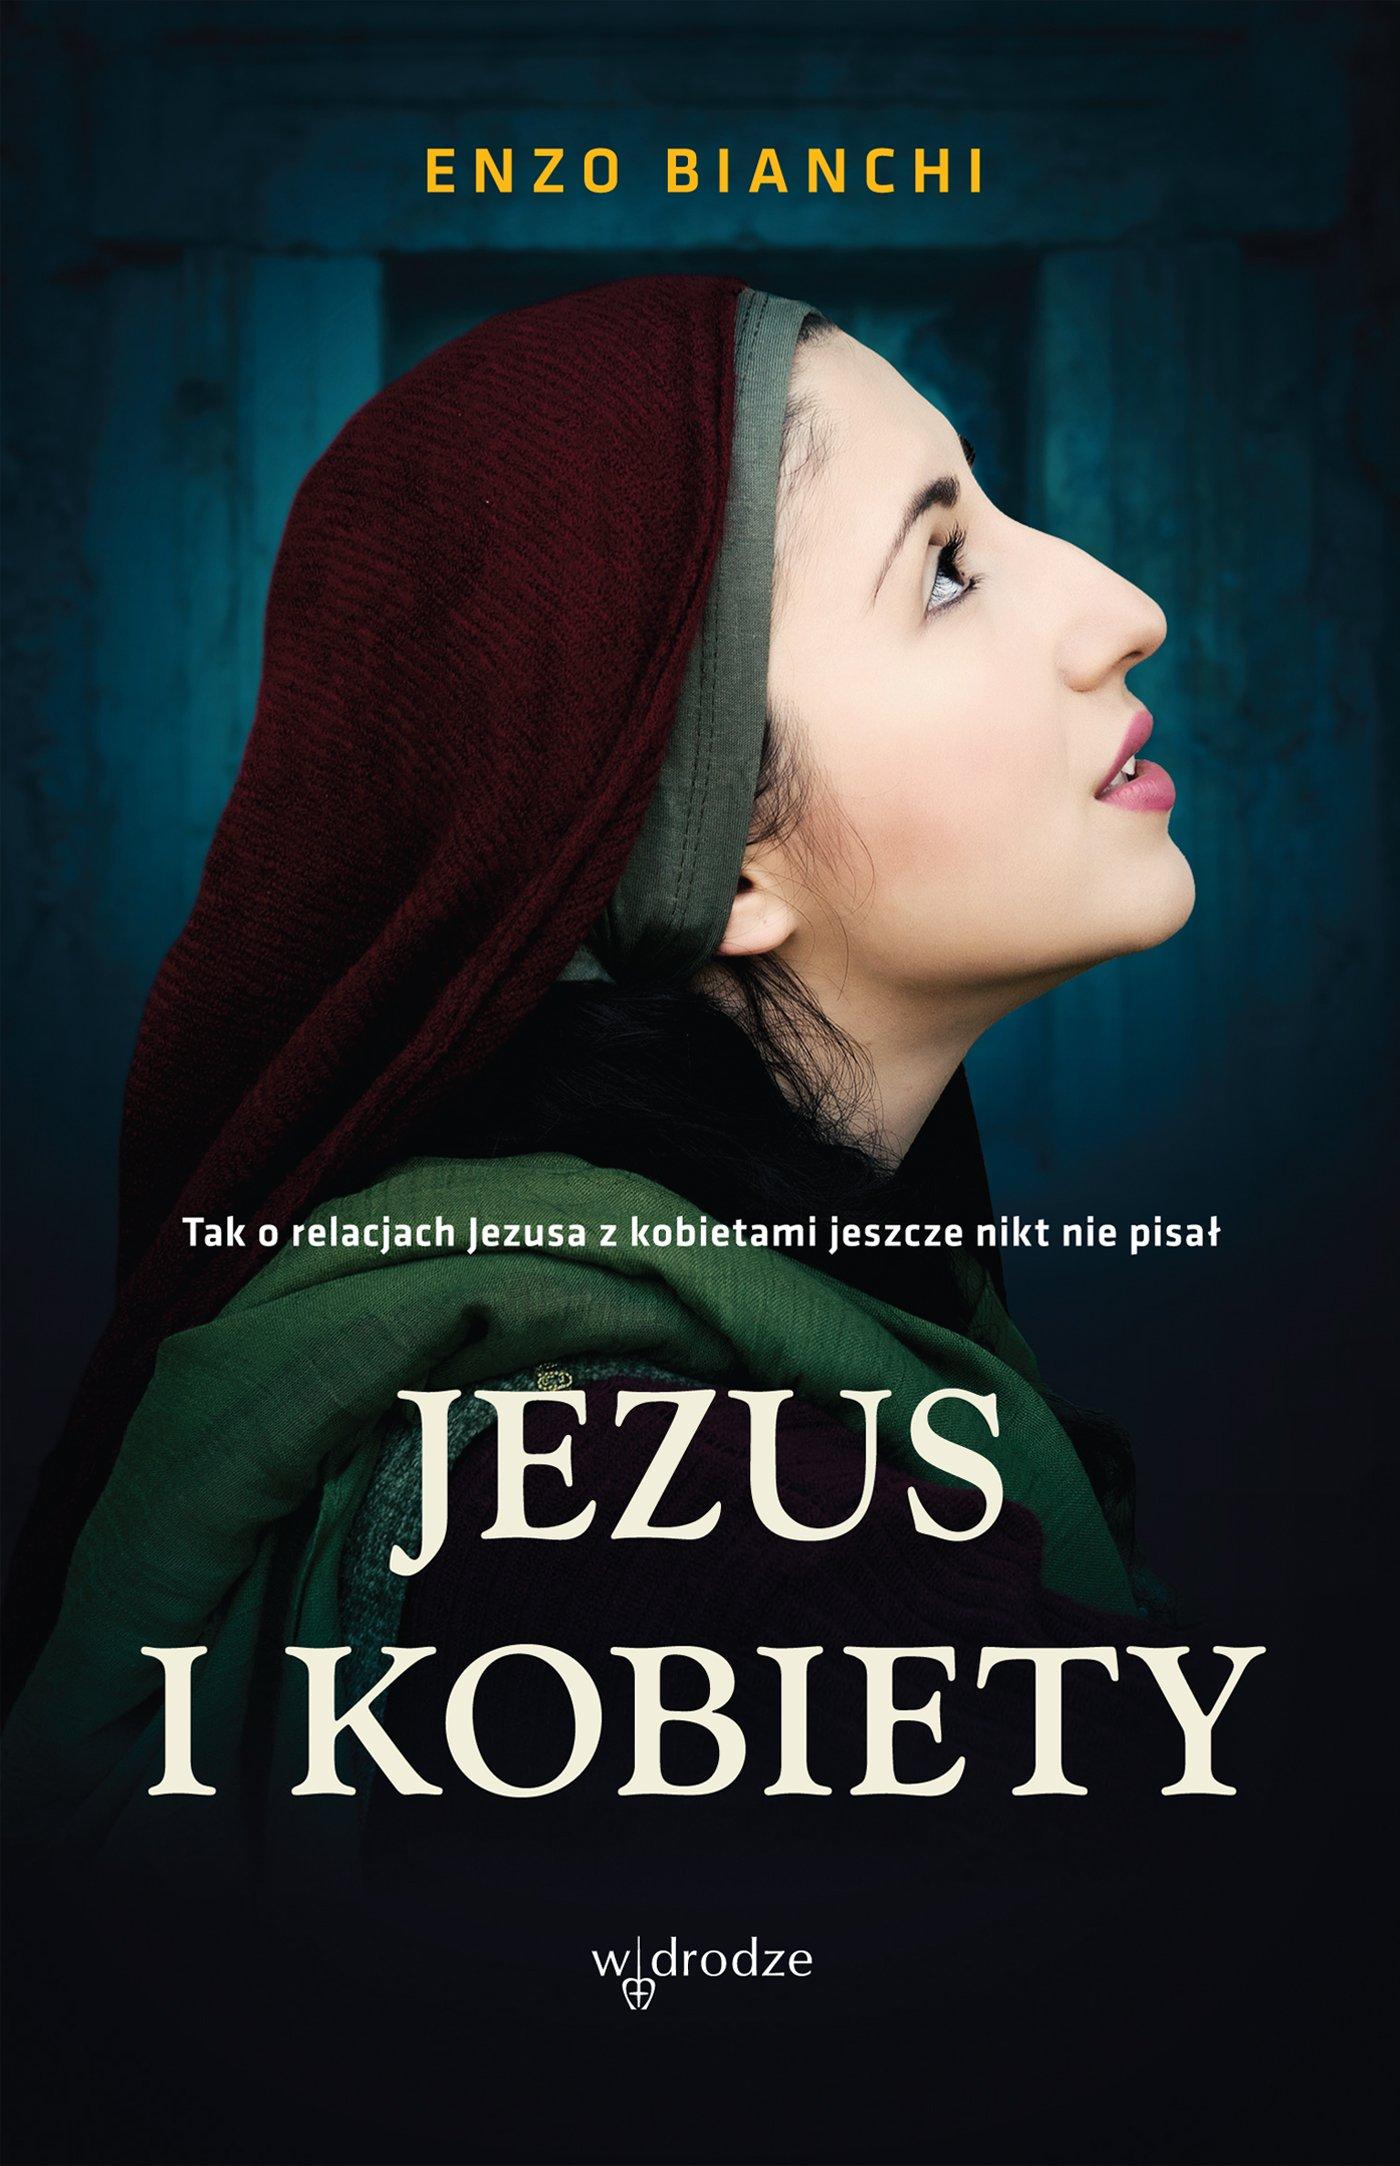 Jezus i kobiety - Ebook (Książka EPUB) do pobrania w formacie EPUB